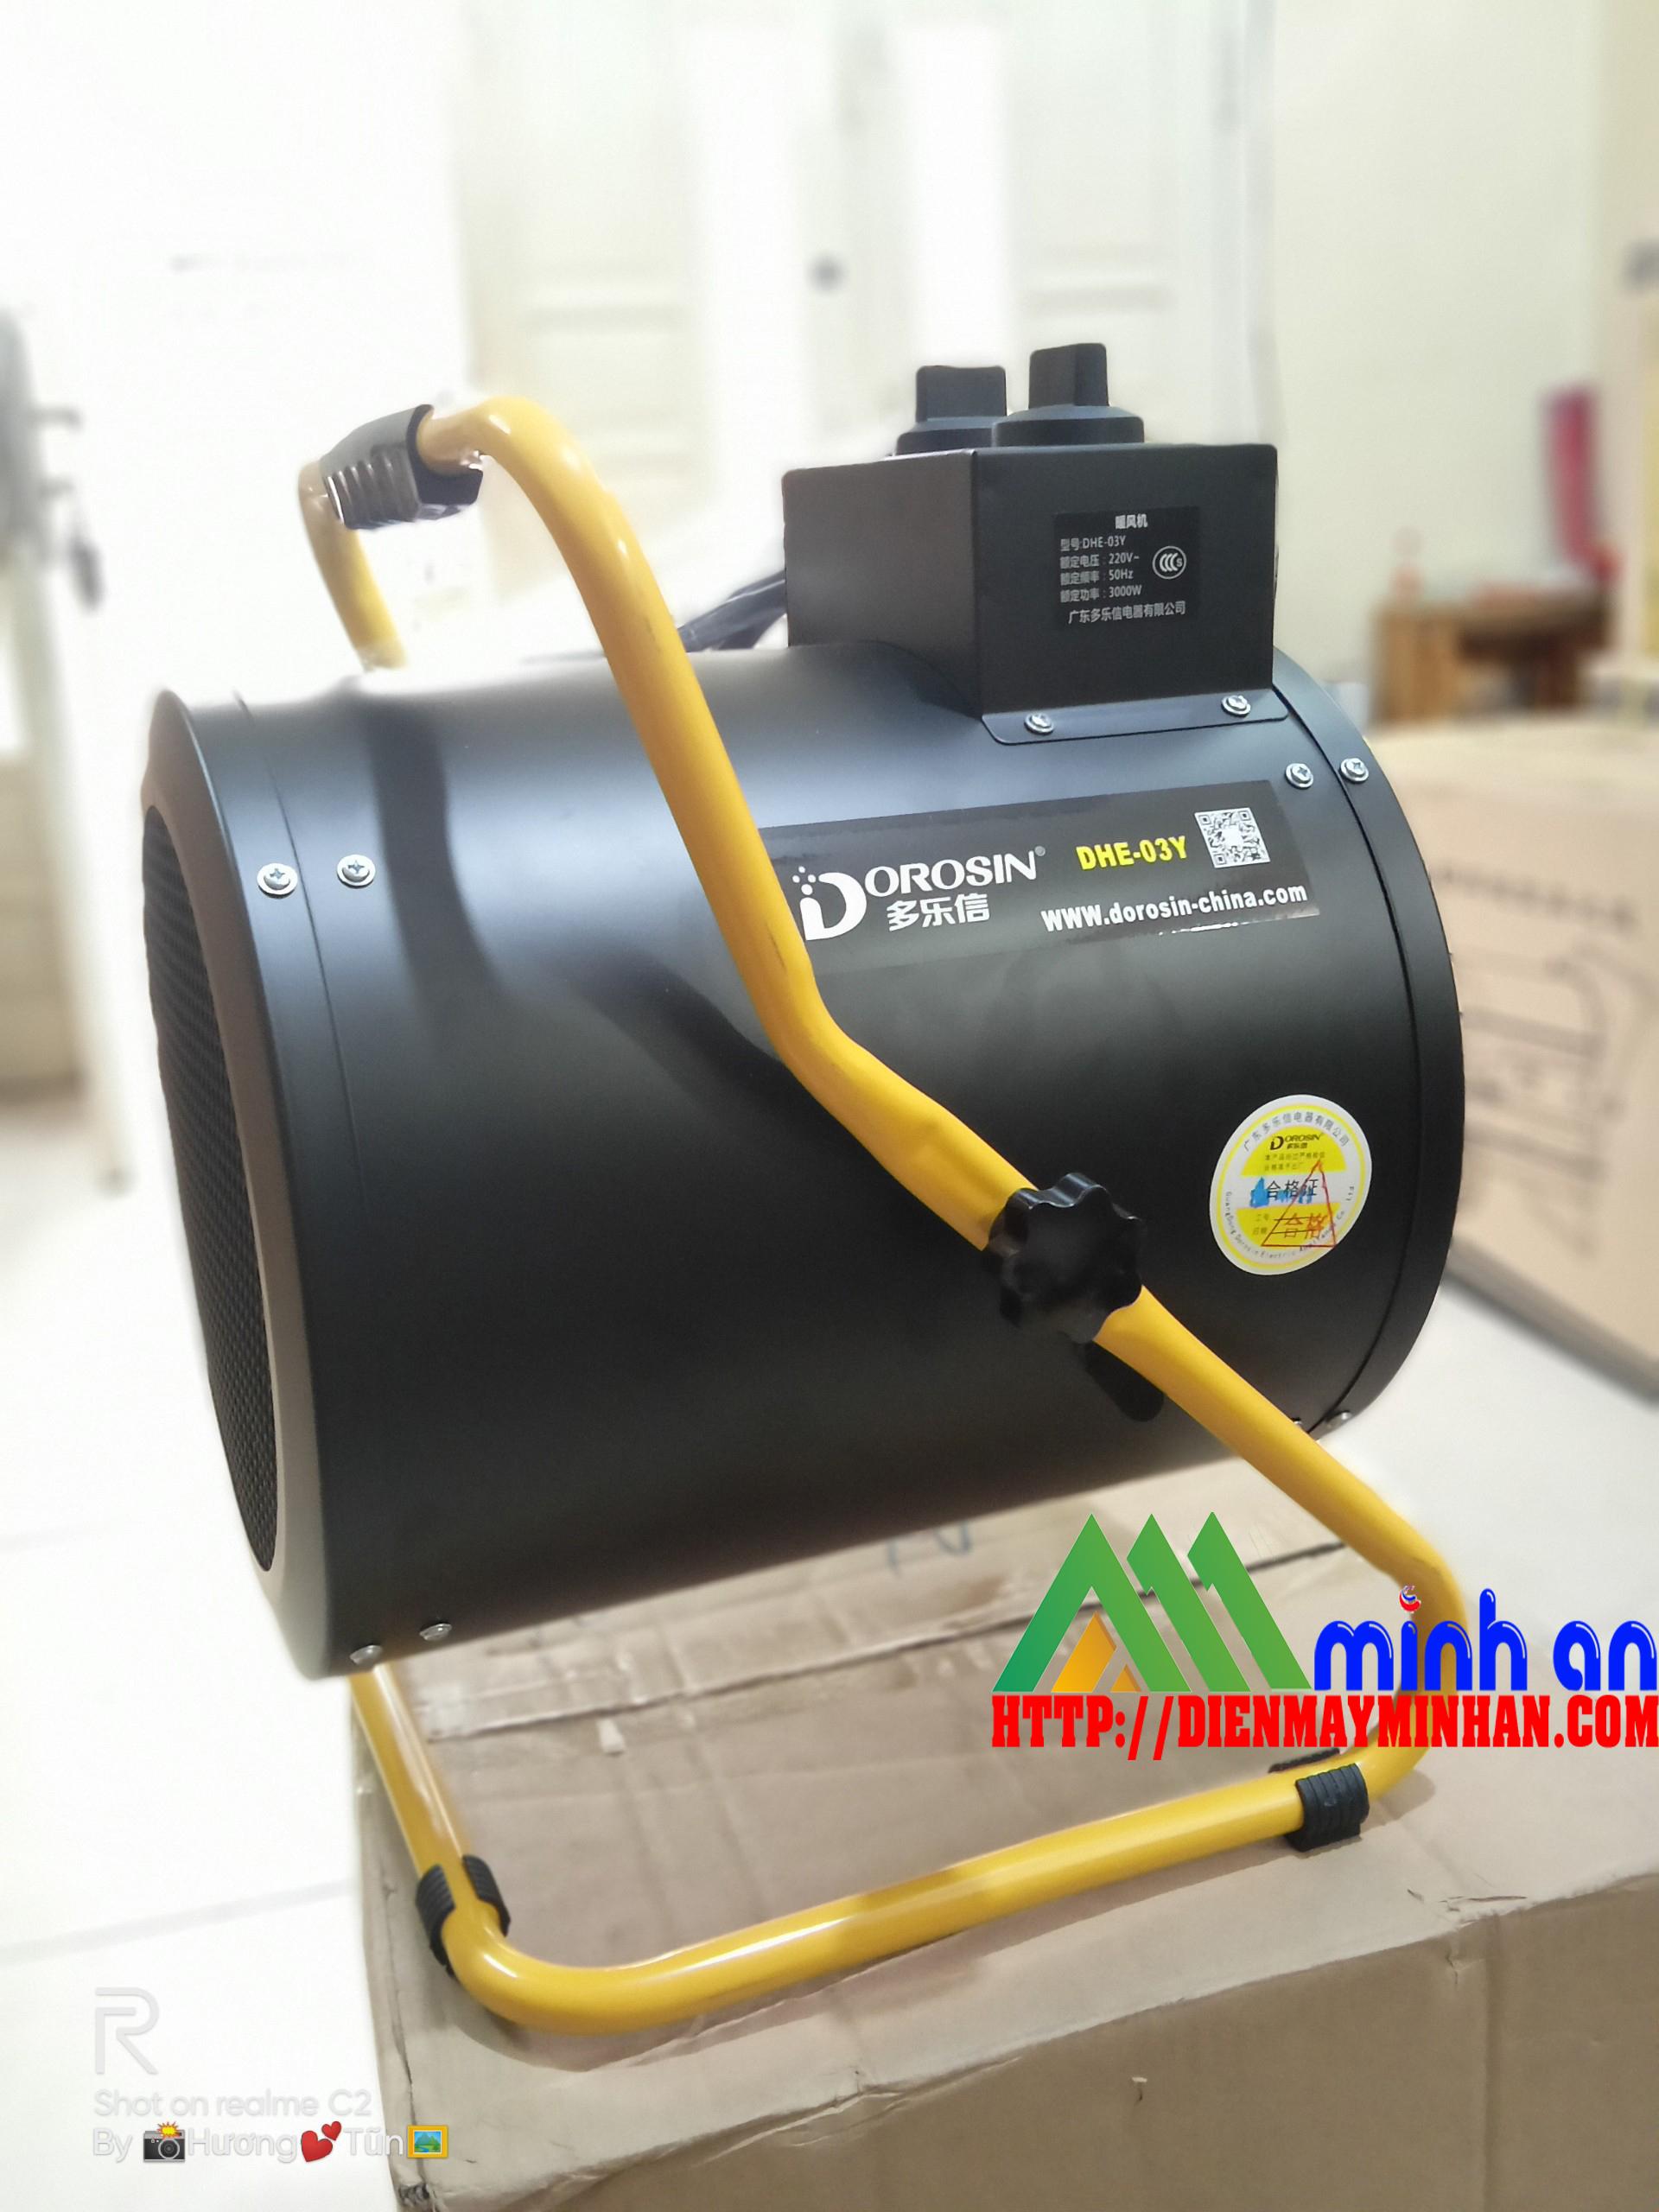 Máy sấy gió nóng công nghiệp Dorosin DHE-03Y ( 3KW)